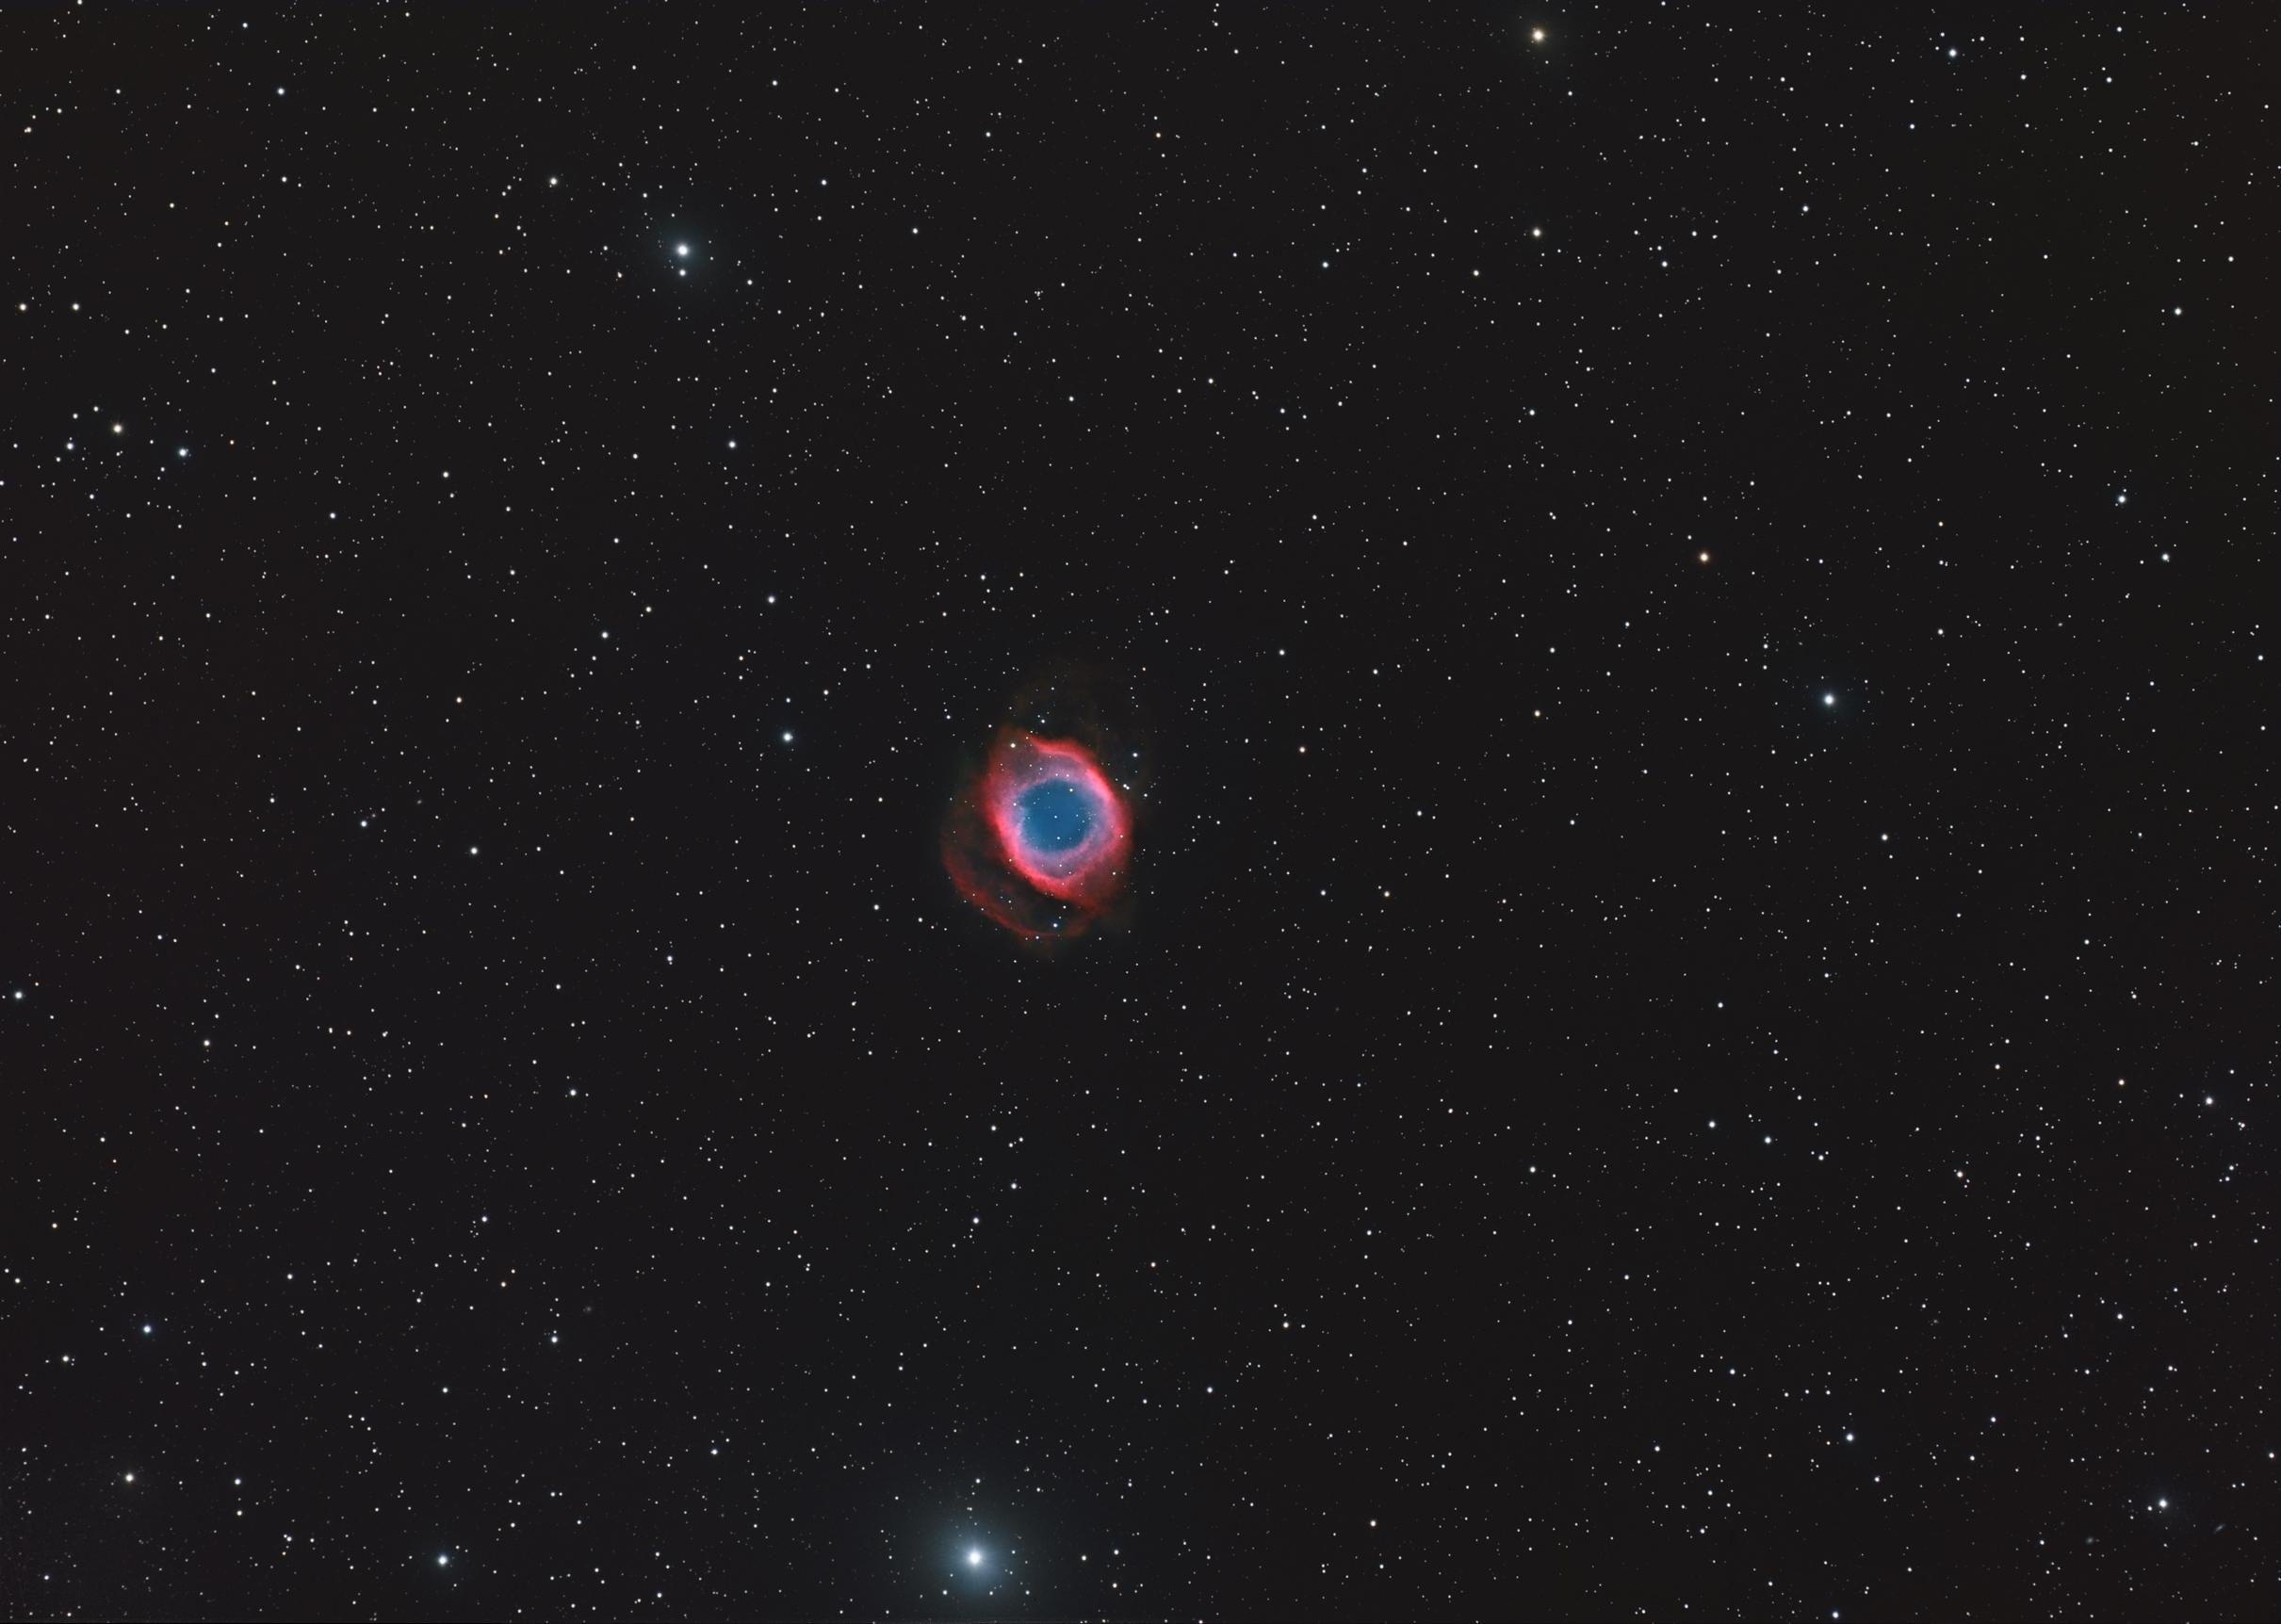 helix nebula ngc 7293 - HD2421×1724